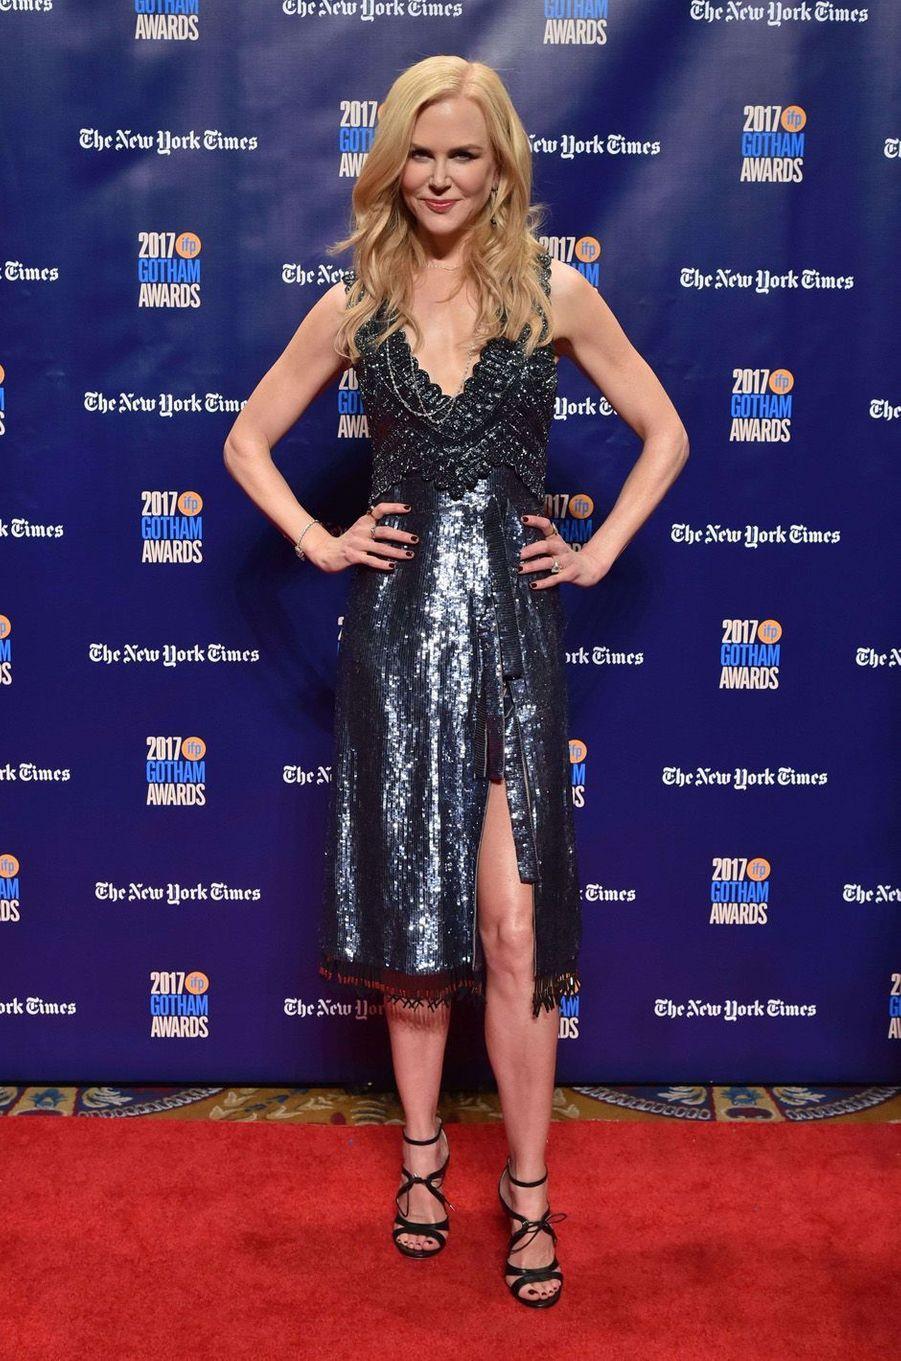 Nicole Kidman à la soirée des Gotham Awards, à New York le 27 novembre 2017.